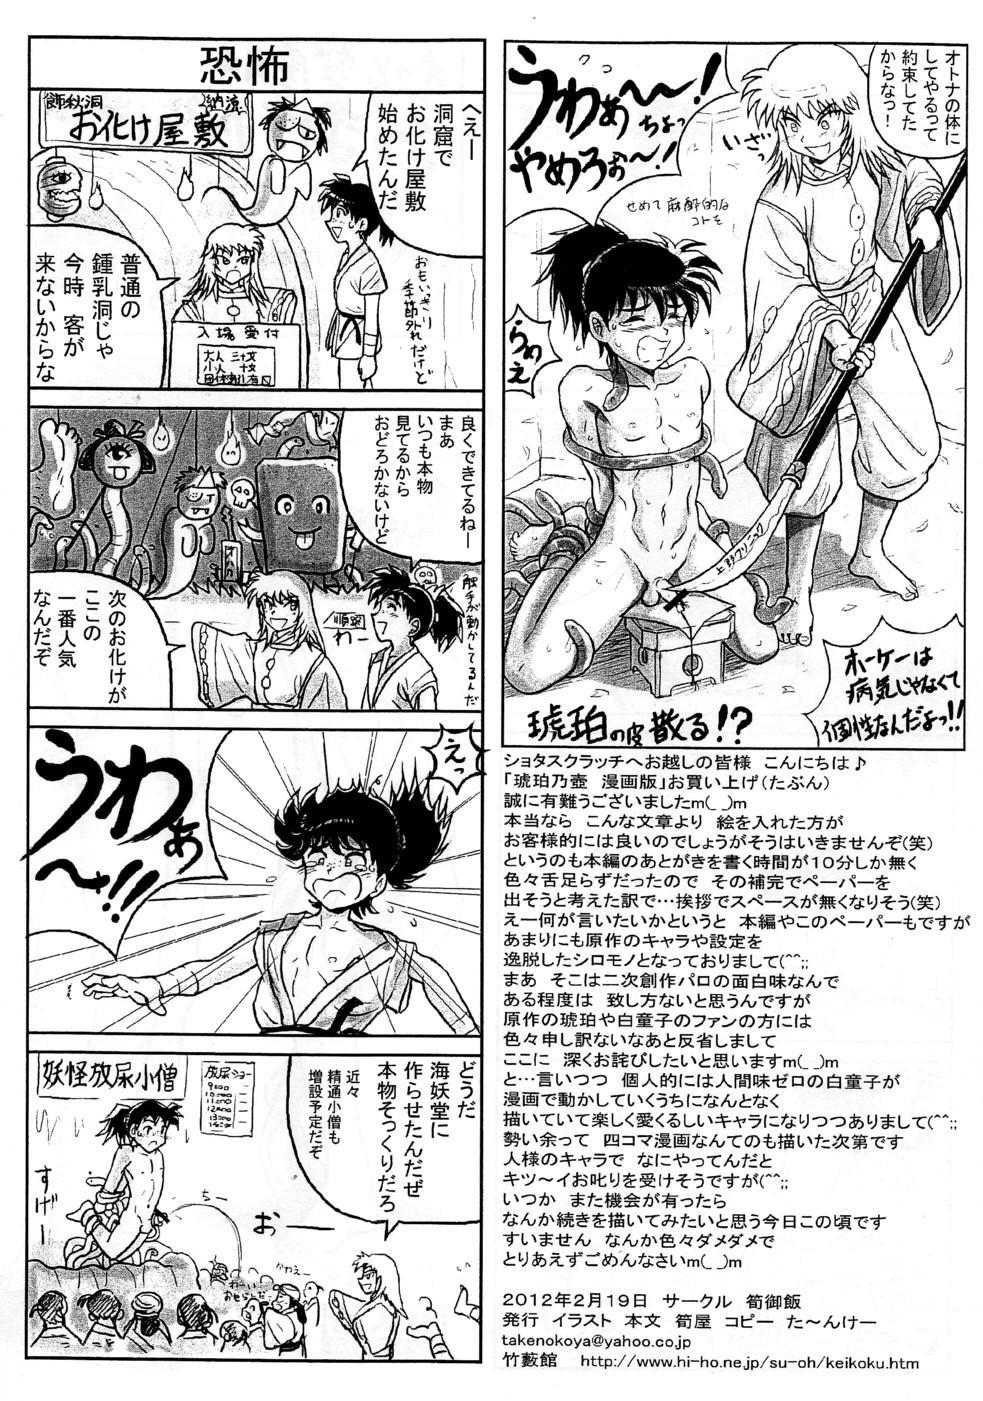 Takenokoya - Kohaku no Tsubo Manga Ban 5